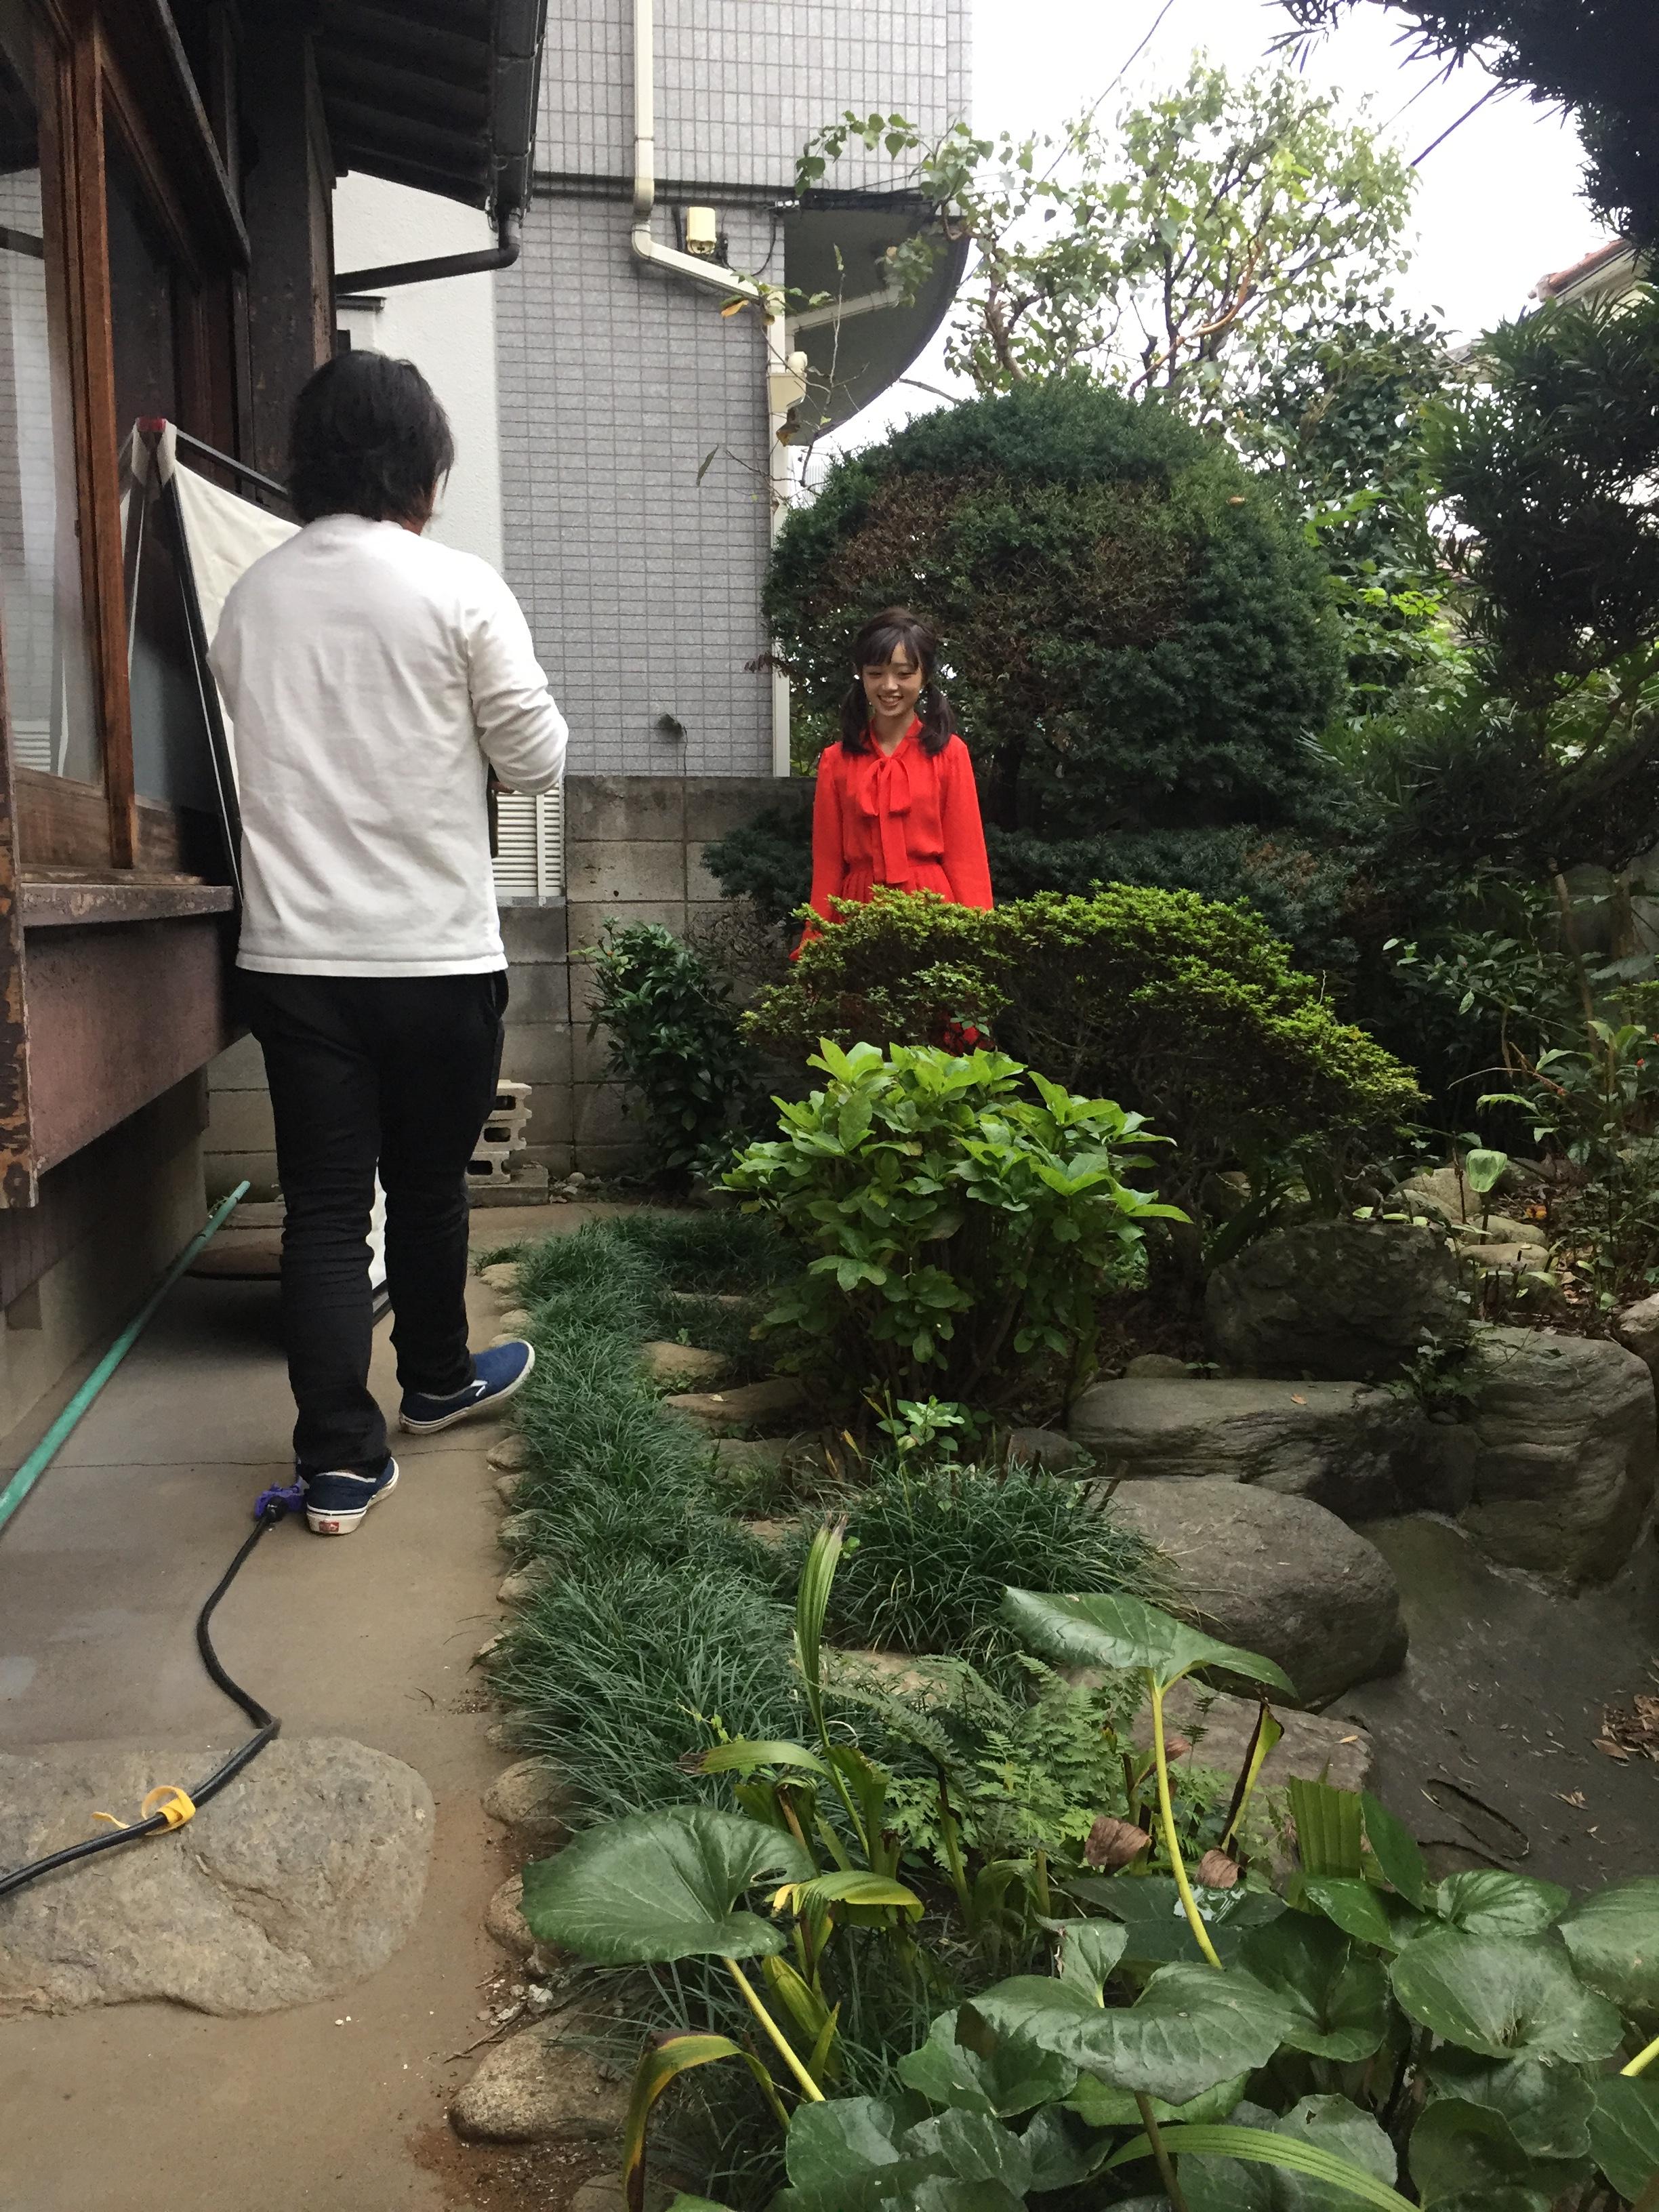 20170104_nakairika_photo_toukou1